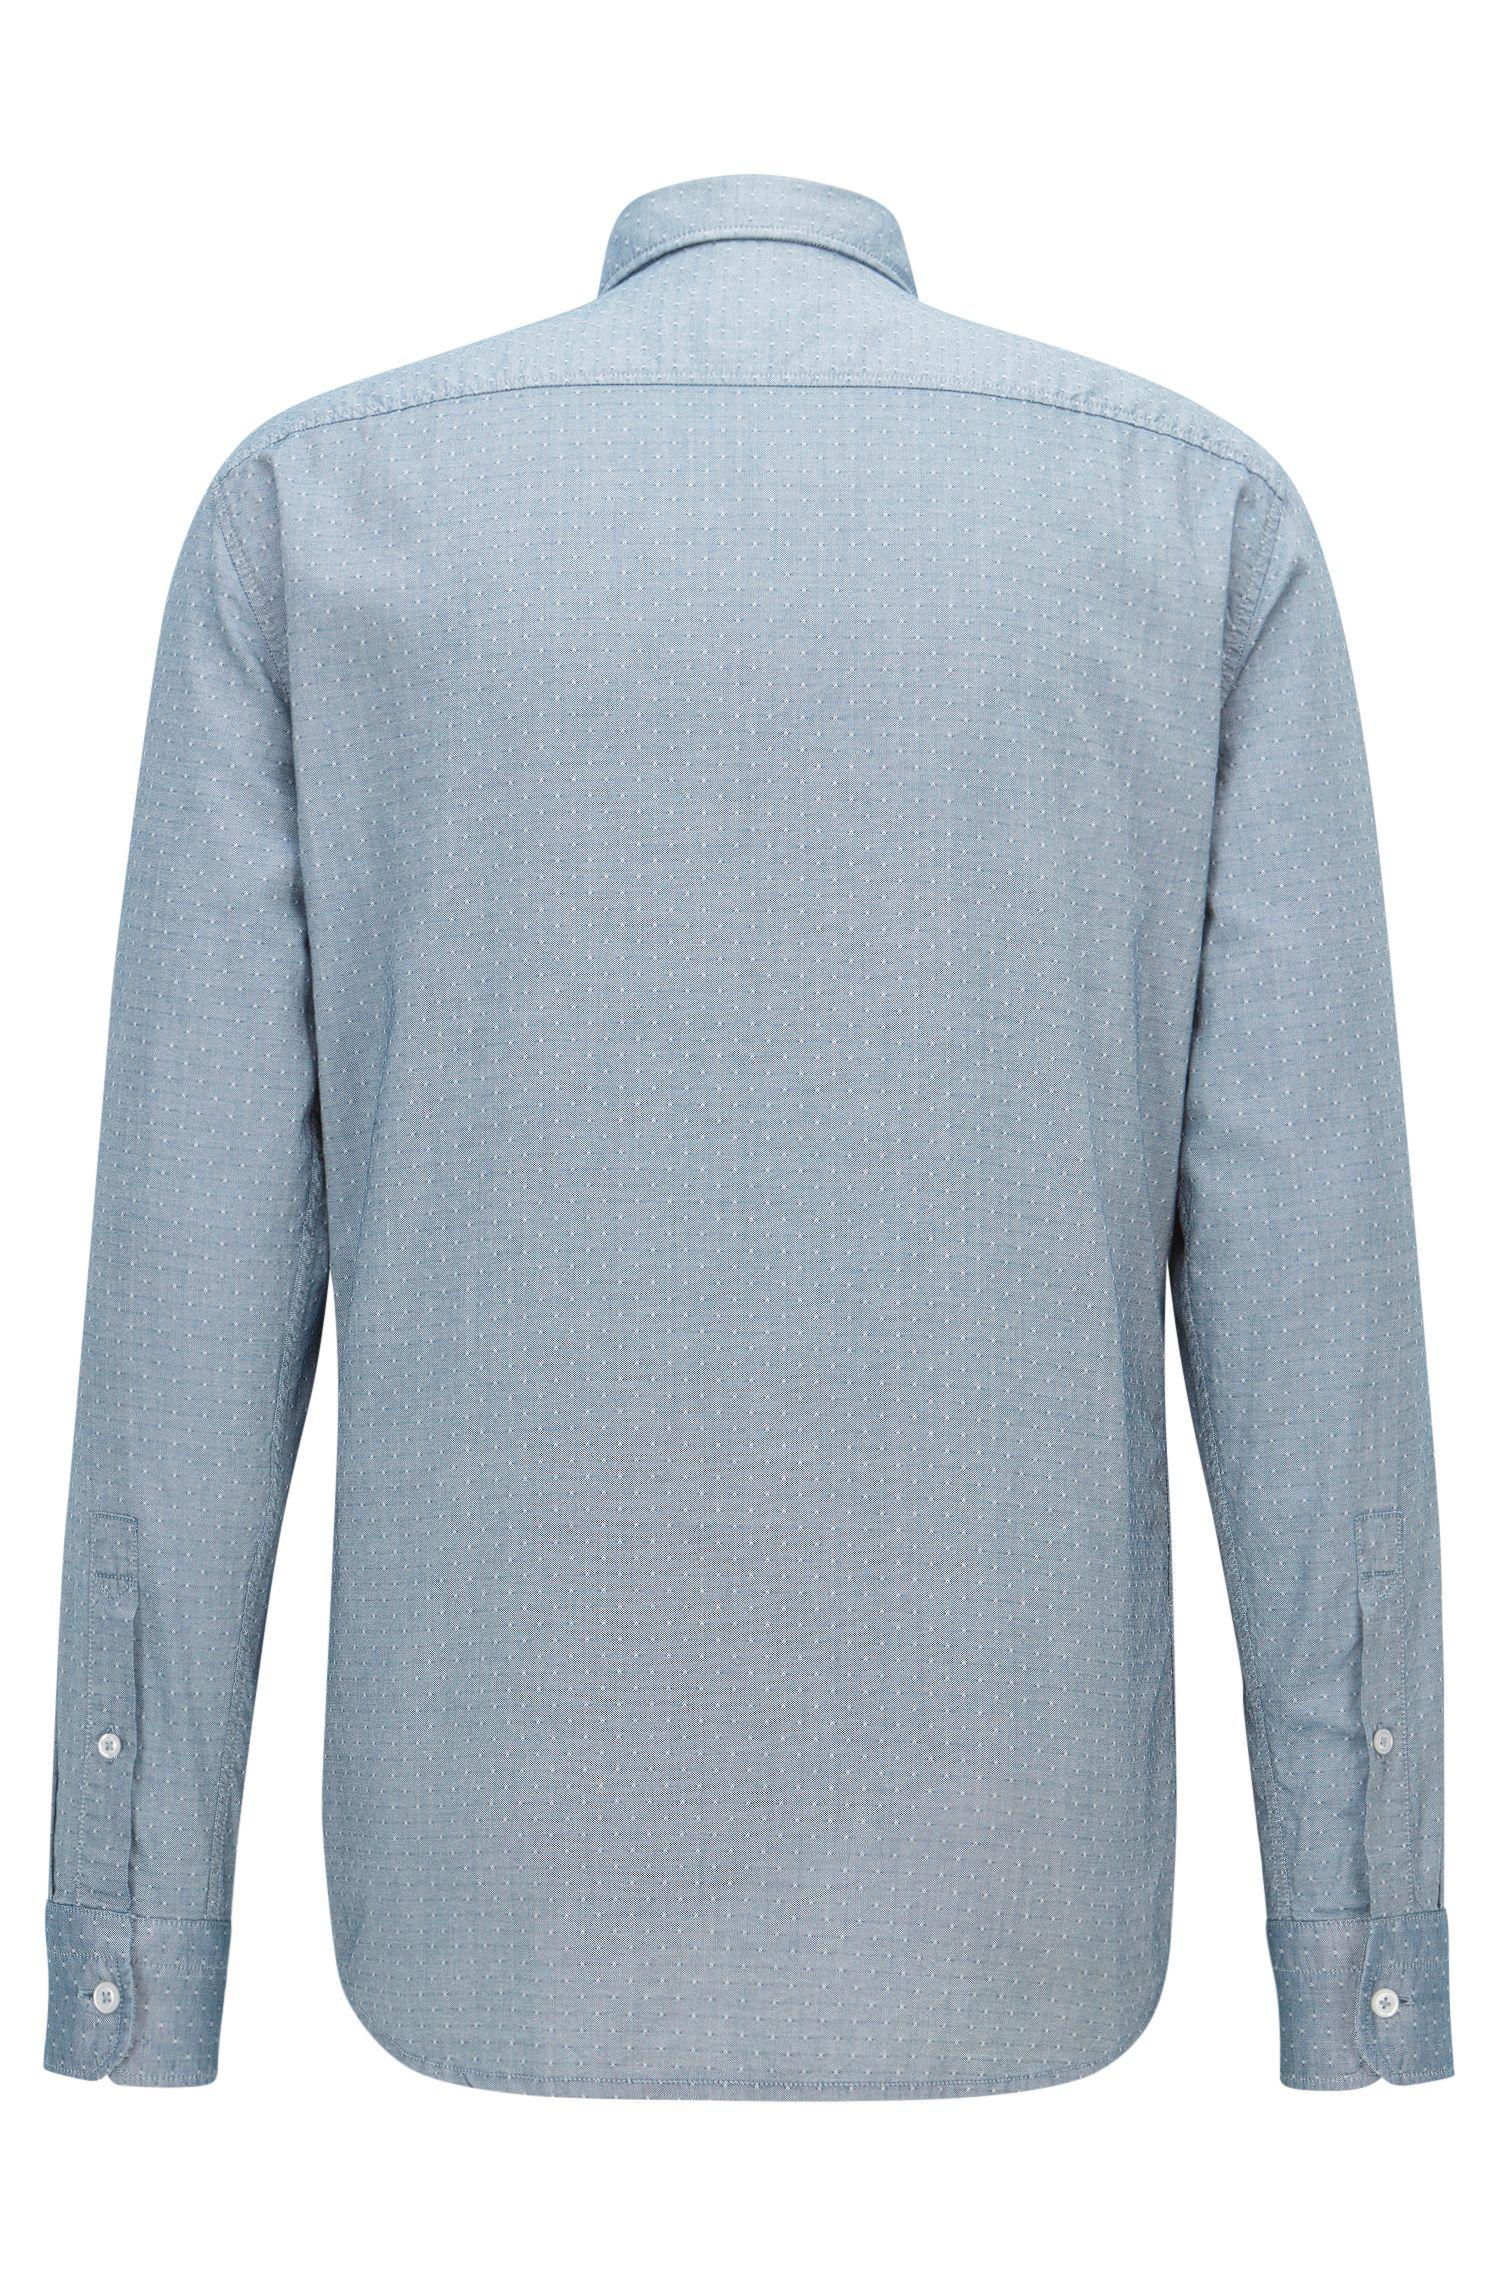 Cotton Button Down Shirt, Regular Fit | Classy, Dark Blue